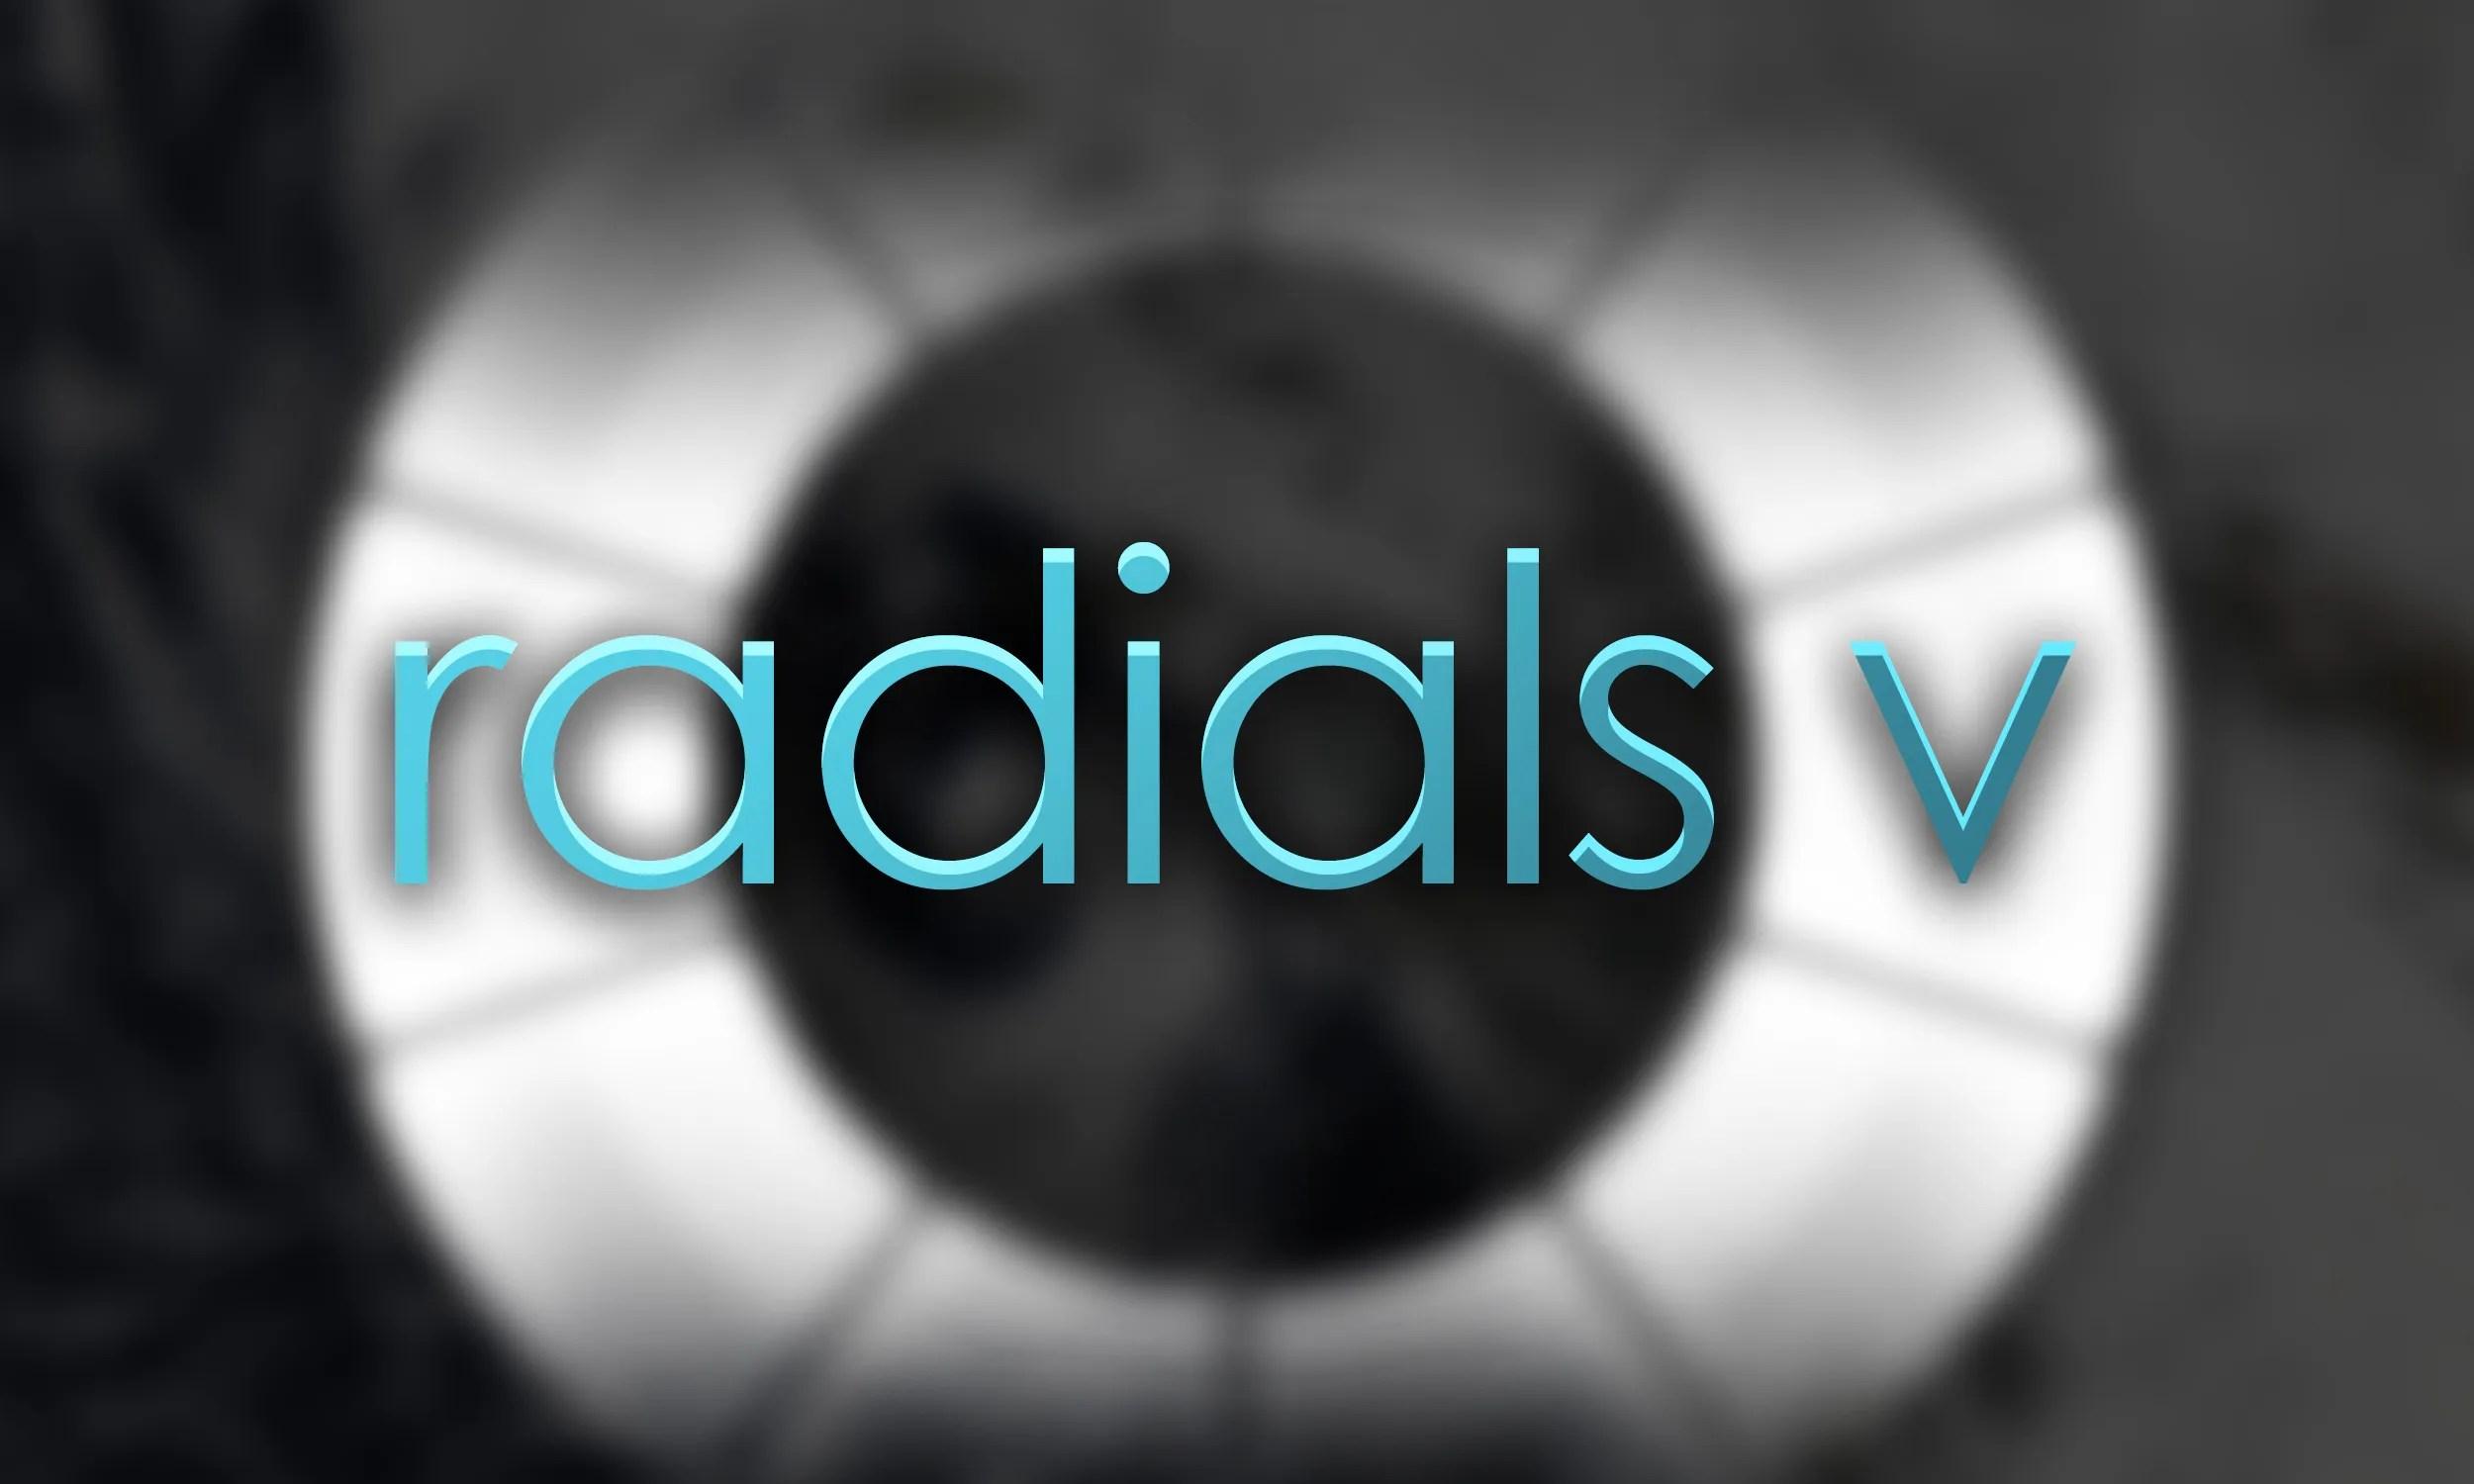 radials 5